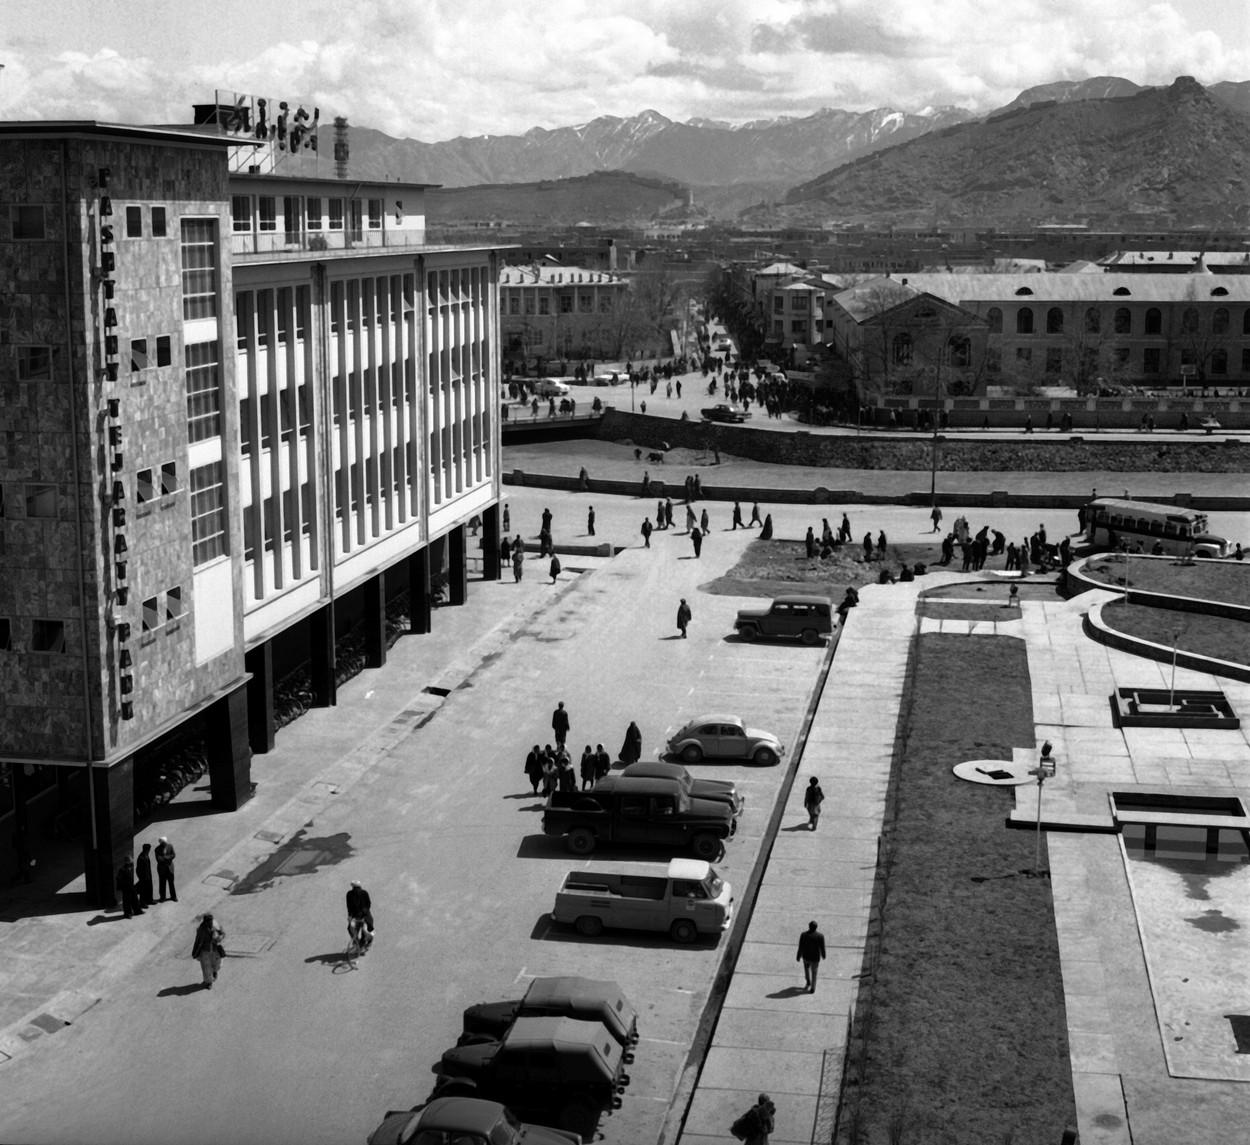 Stradă din Kabul în anii 1960. Foto alb-negru